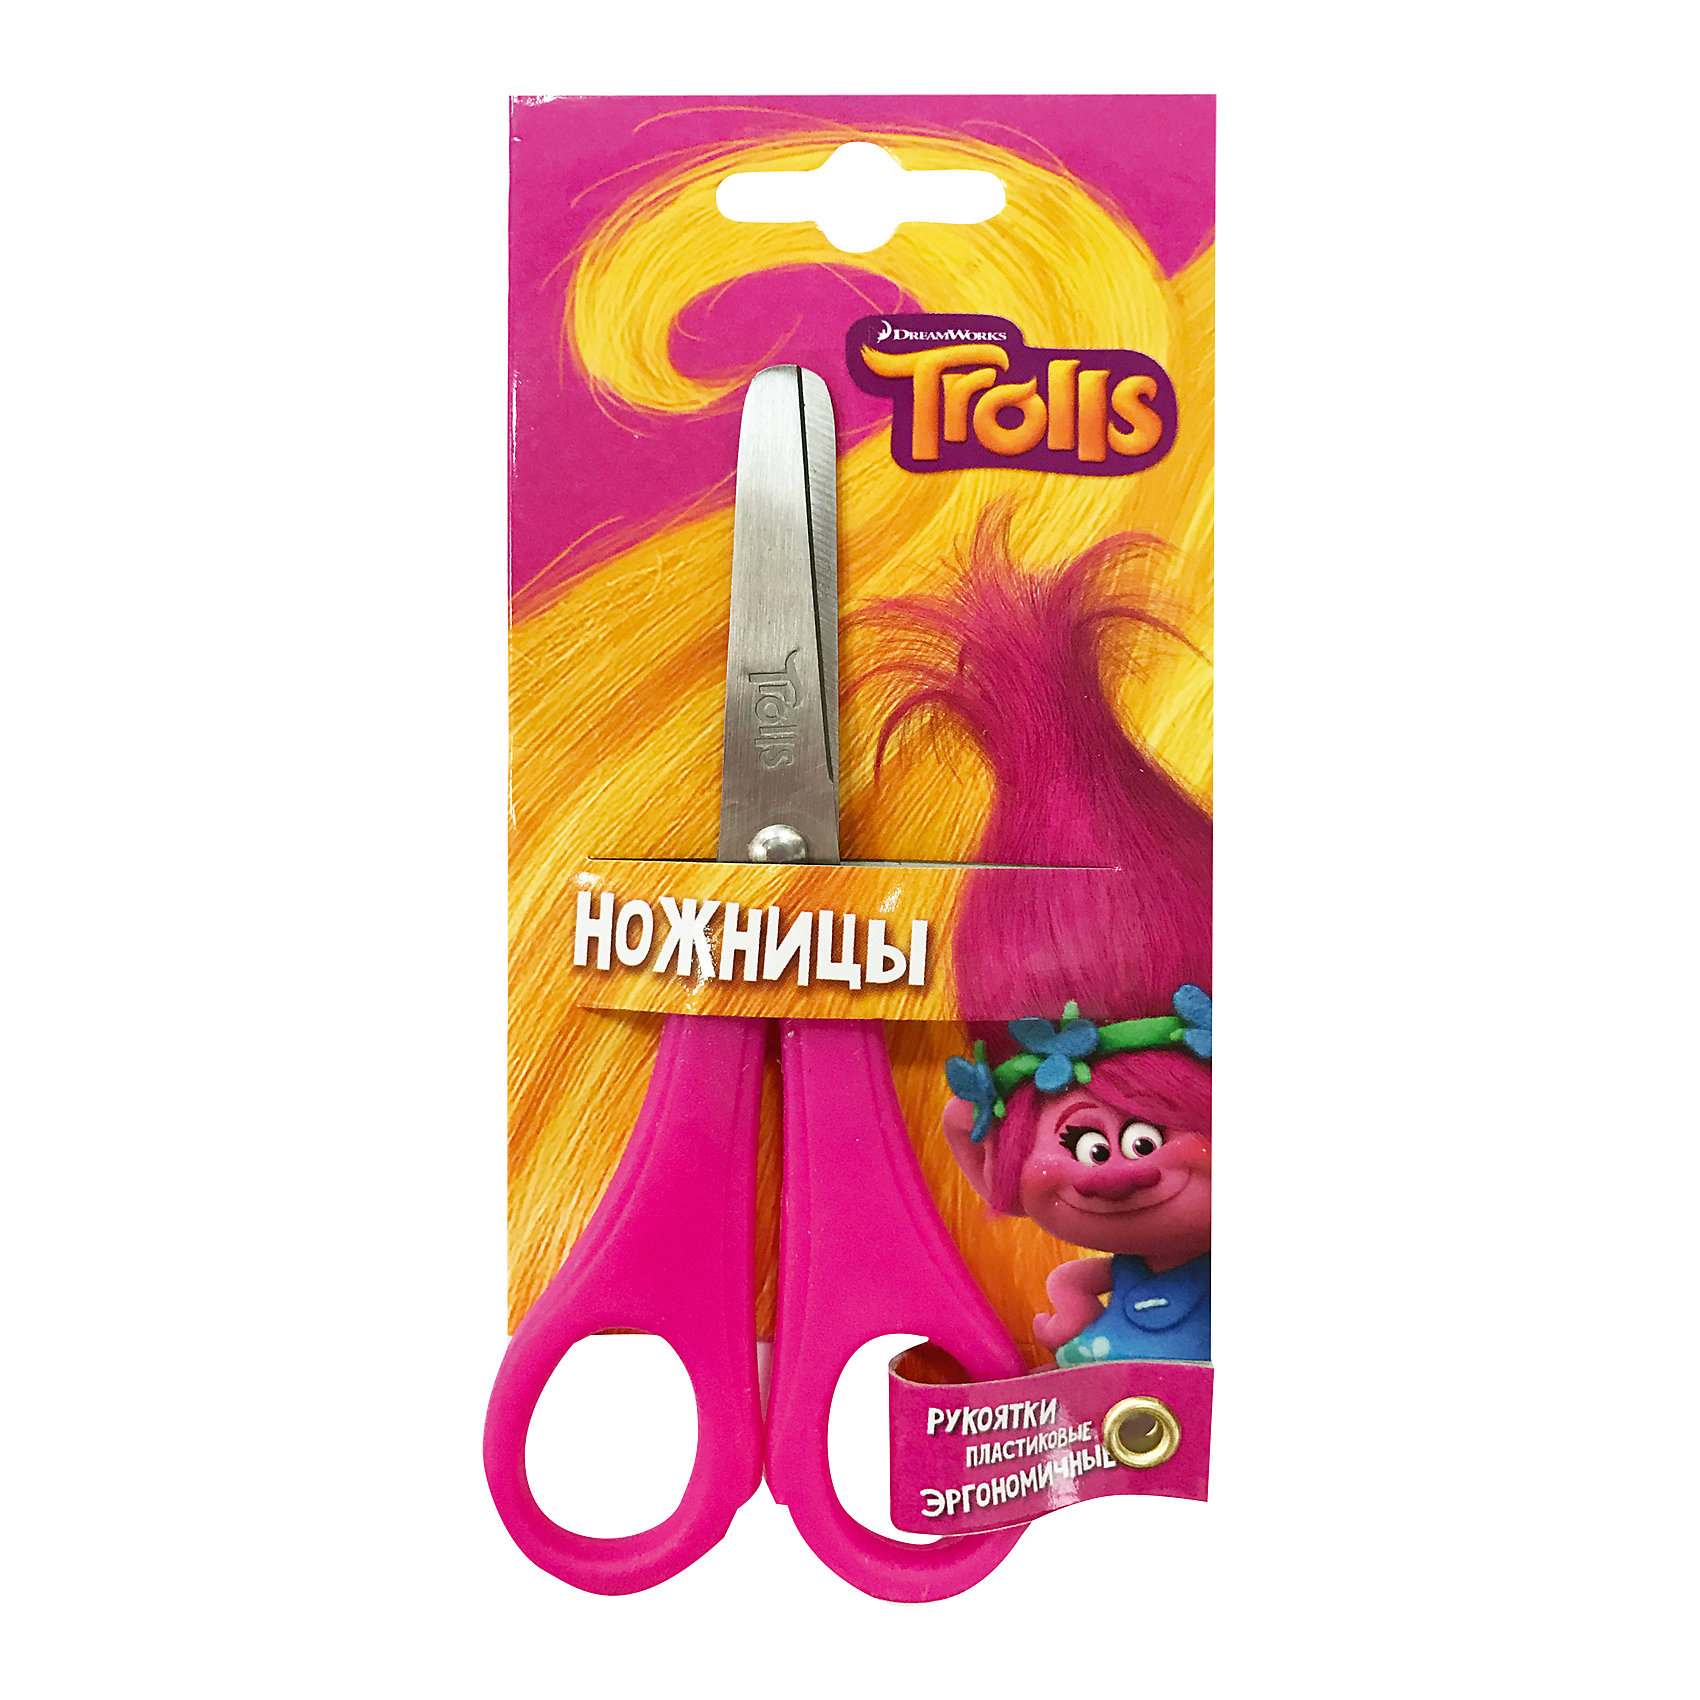 Детские ножницы 13 см, с блистером TrollsШкольные аксессуары<br>Детские ножницы 13 см, с блистером. Блистер открытый. Можно проверить работу ножниц не доставая из упаковки. Пластиковые ручки, безопасно скругленные лезвия, с дизайном Trolls<br><br>Ширина мм: 16<br>Глубина мм: 1<br>Высота мм: 70<br>Вес г: 27<br>Возраст от месяцев: 36<br>Возраст до месяцев: 144<br>Пол: Унисекс<br>Возраст: Детский<br>SKU: 5525065